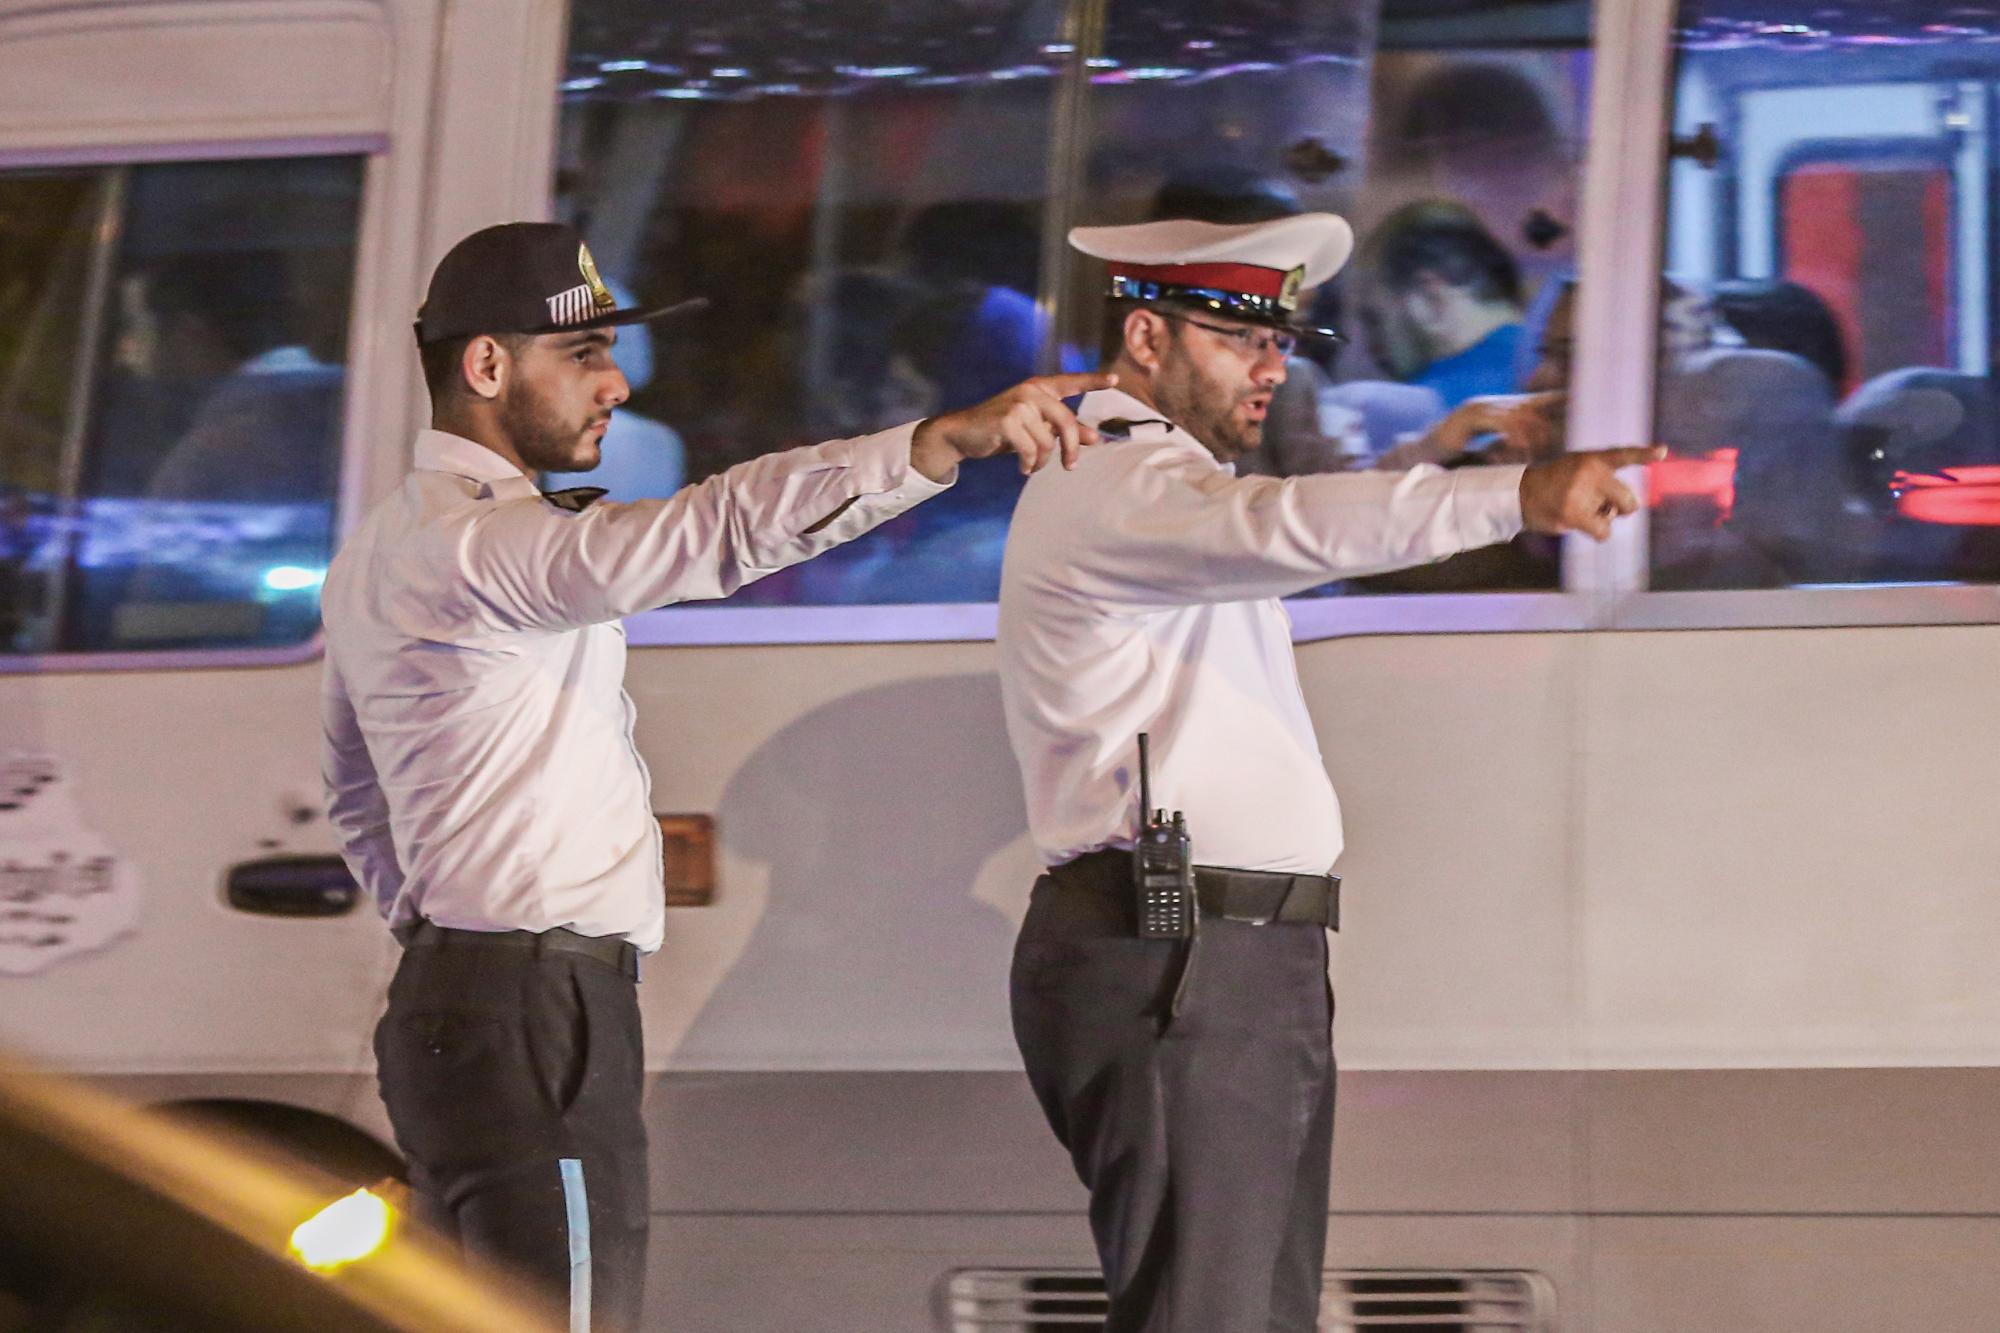 پلیس کیش به گوشی های هوشمند مجهز شد